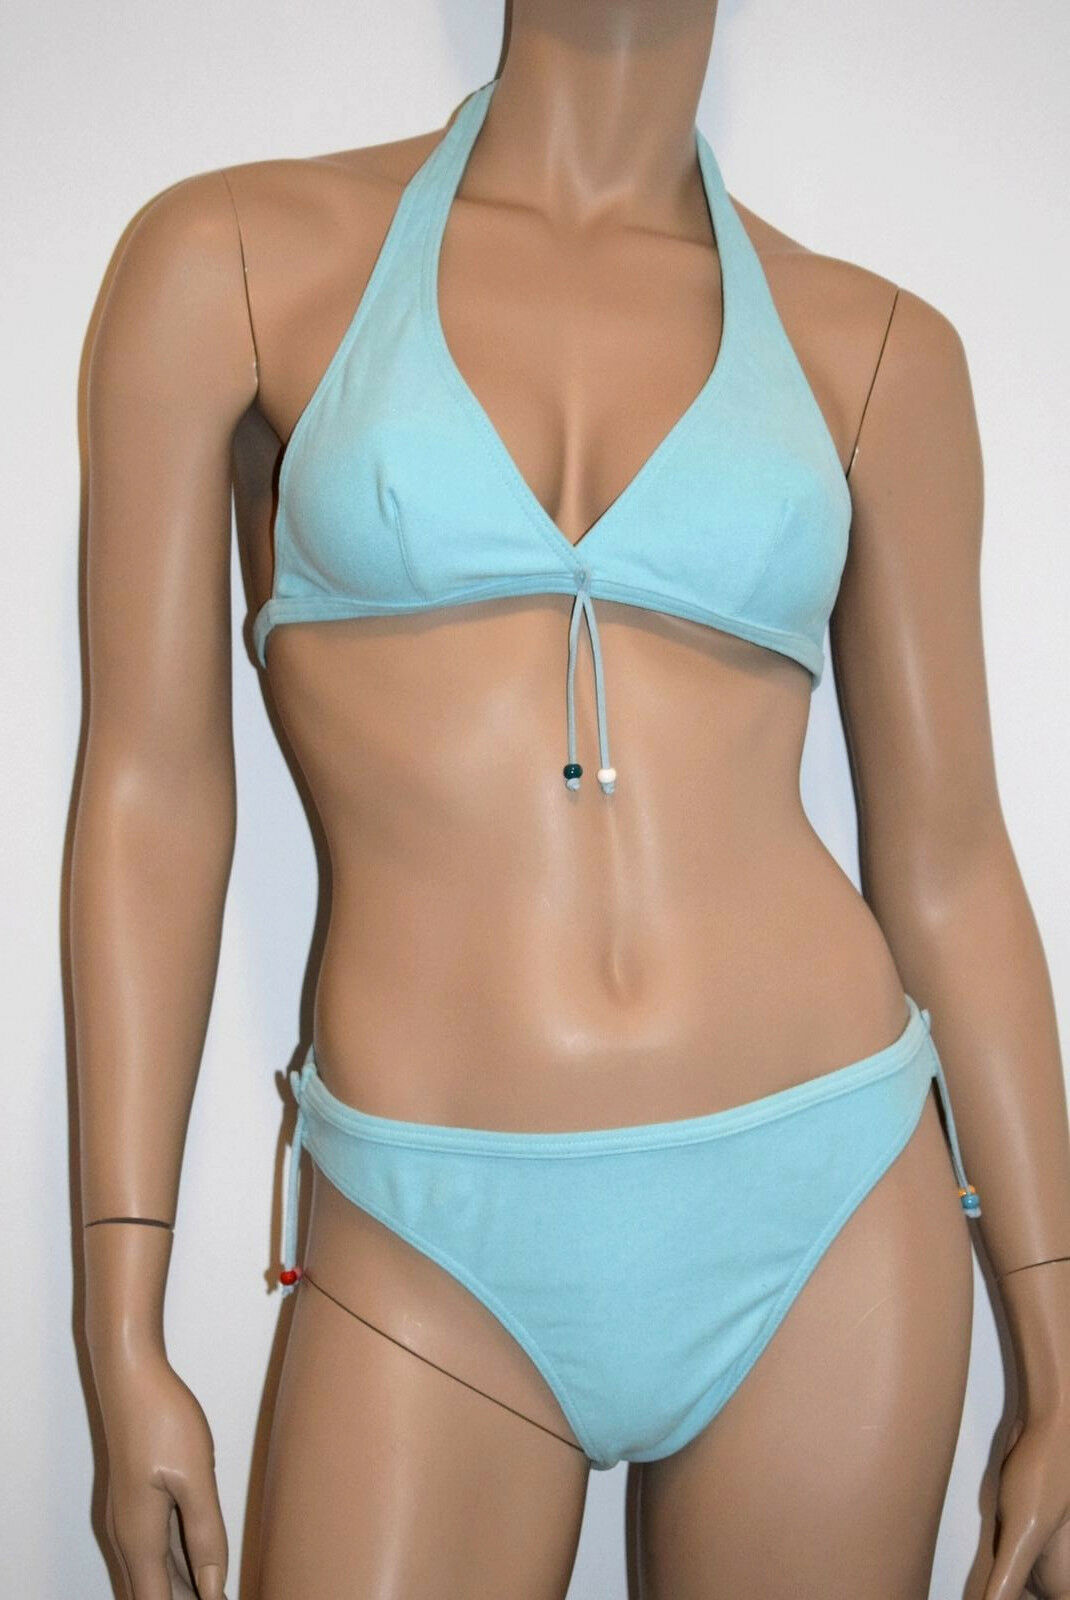 Kiwi Bikini 2 P.Dreieck Größe 4-XL/FR44/EU42 Blau Farbe Türkis' Danda '